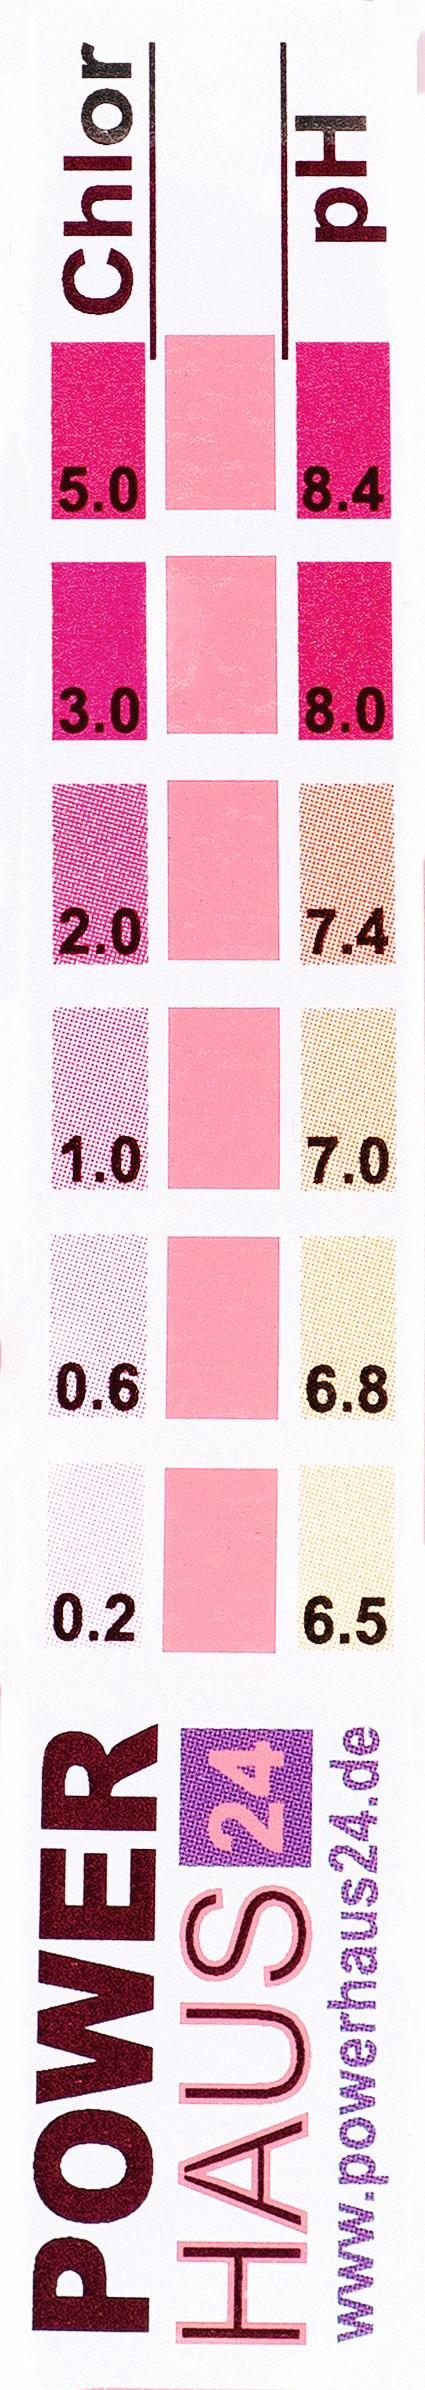 Mesures de pH